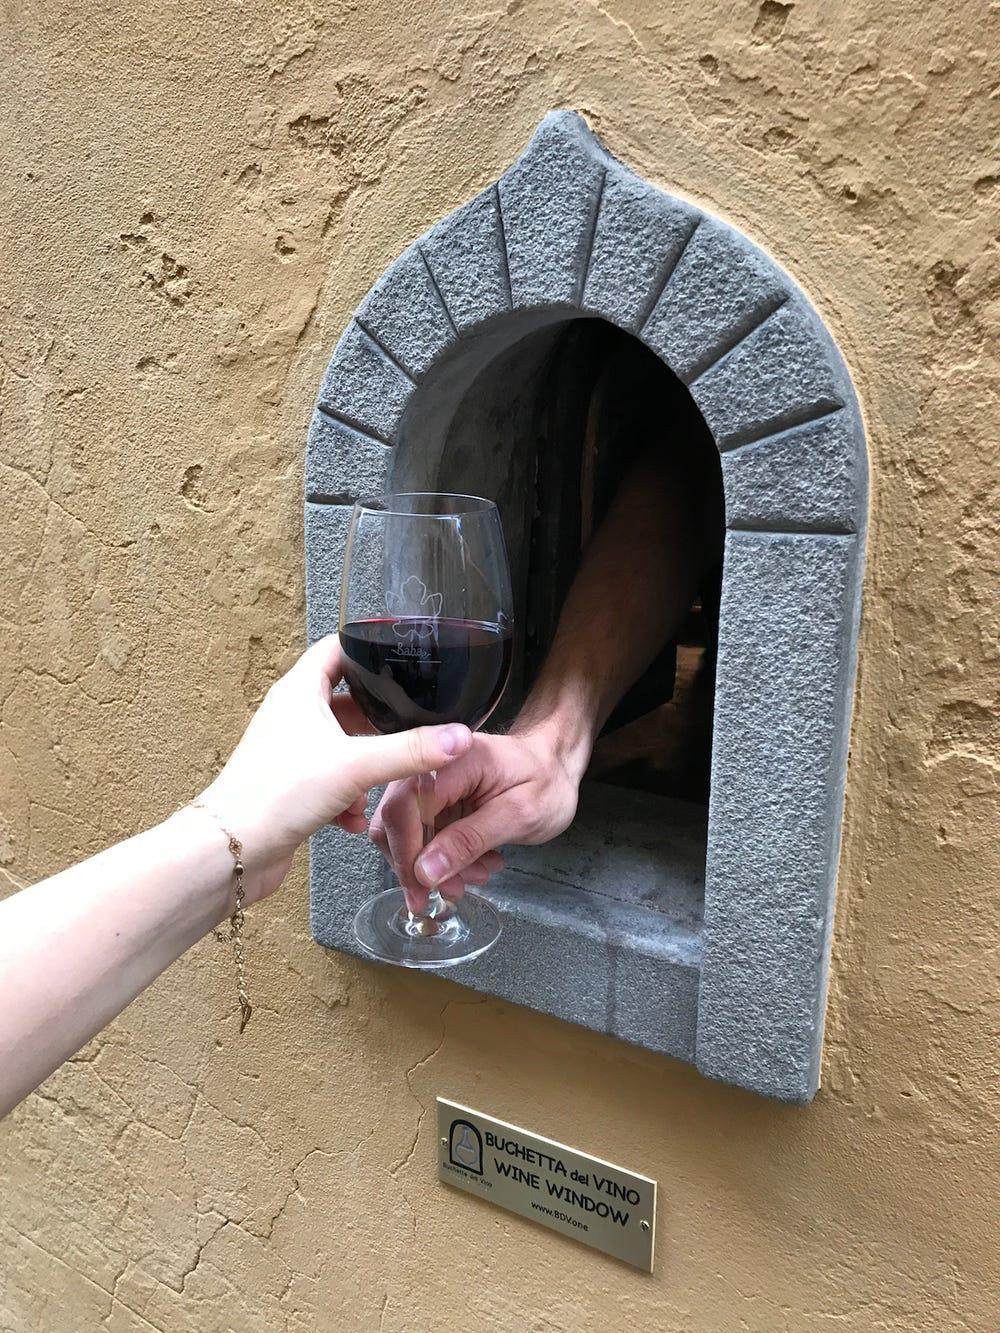 Nằm cạnh sông ở Santo Spirito, nhà hàng kiêm bar Babae đã dùng chính cửa sổ rượu của tòa nhà để phục vụ rượu cho thực khách từ lúc 19h - 20h mỗi tối.